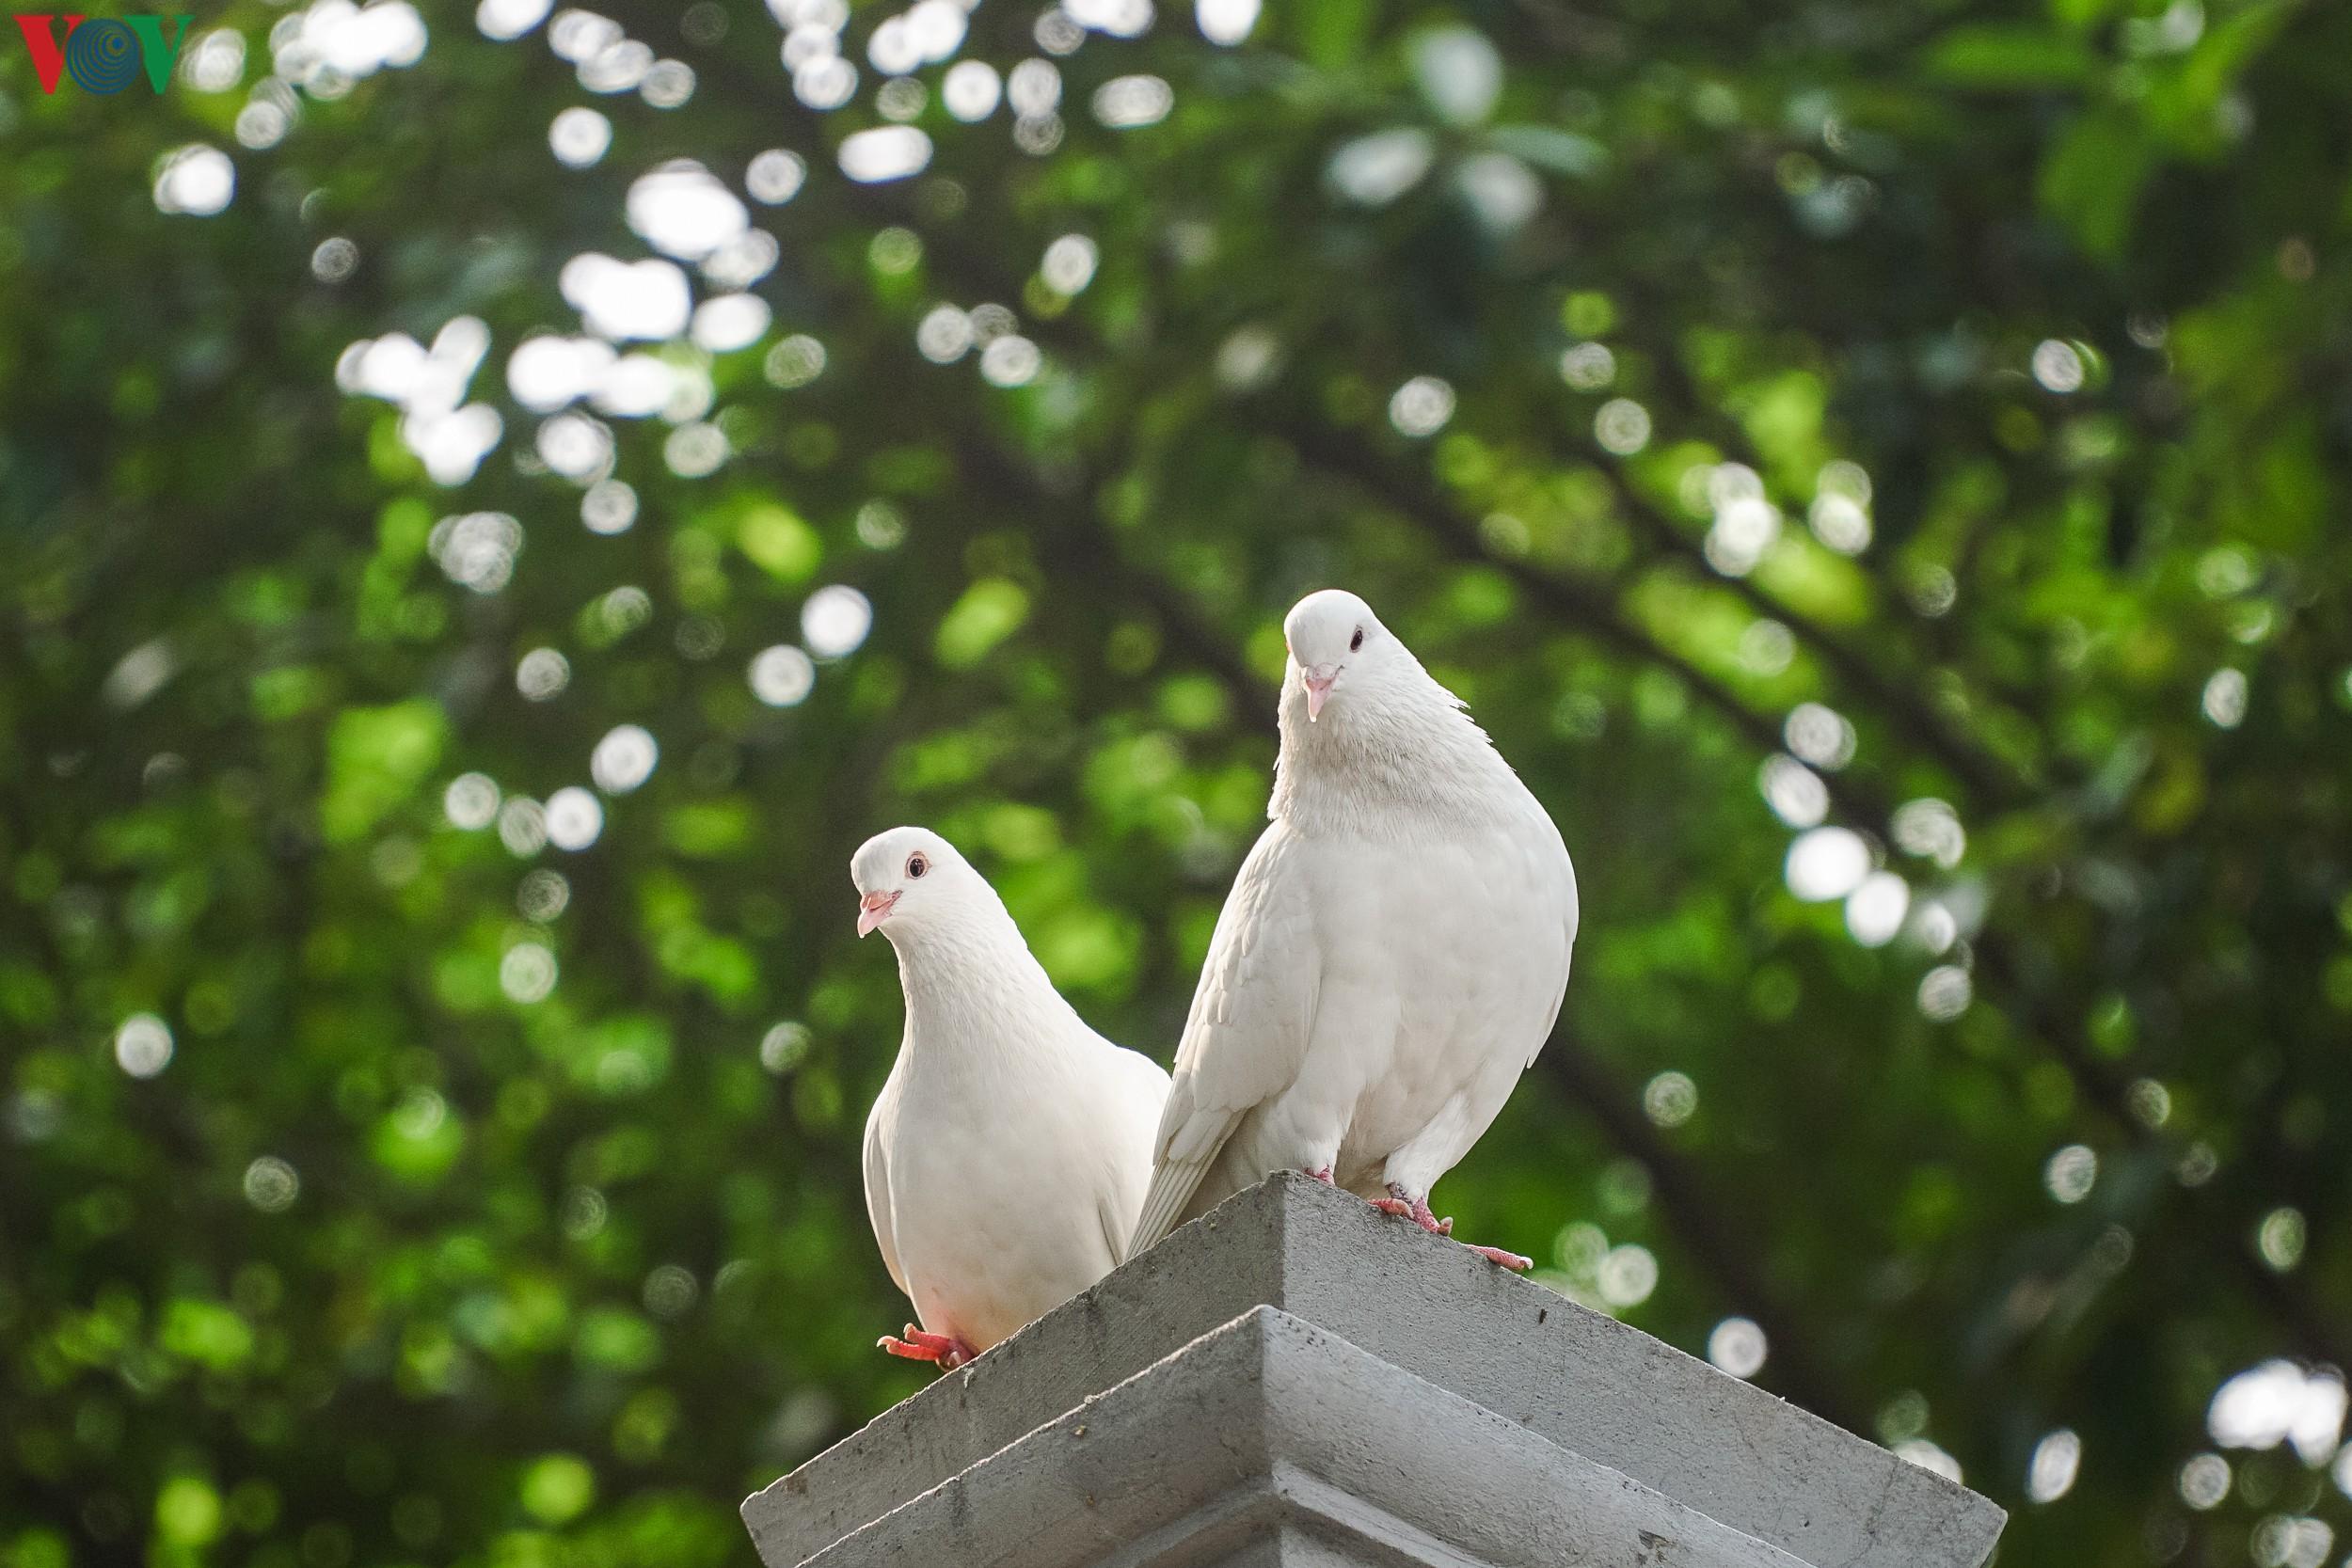 Ngắm đàn chim bồ câu bên hồ Hoàn Kiếm Ảnh 13